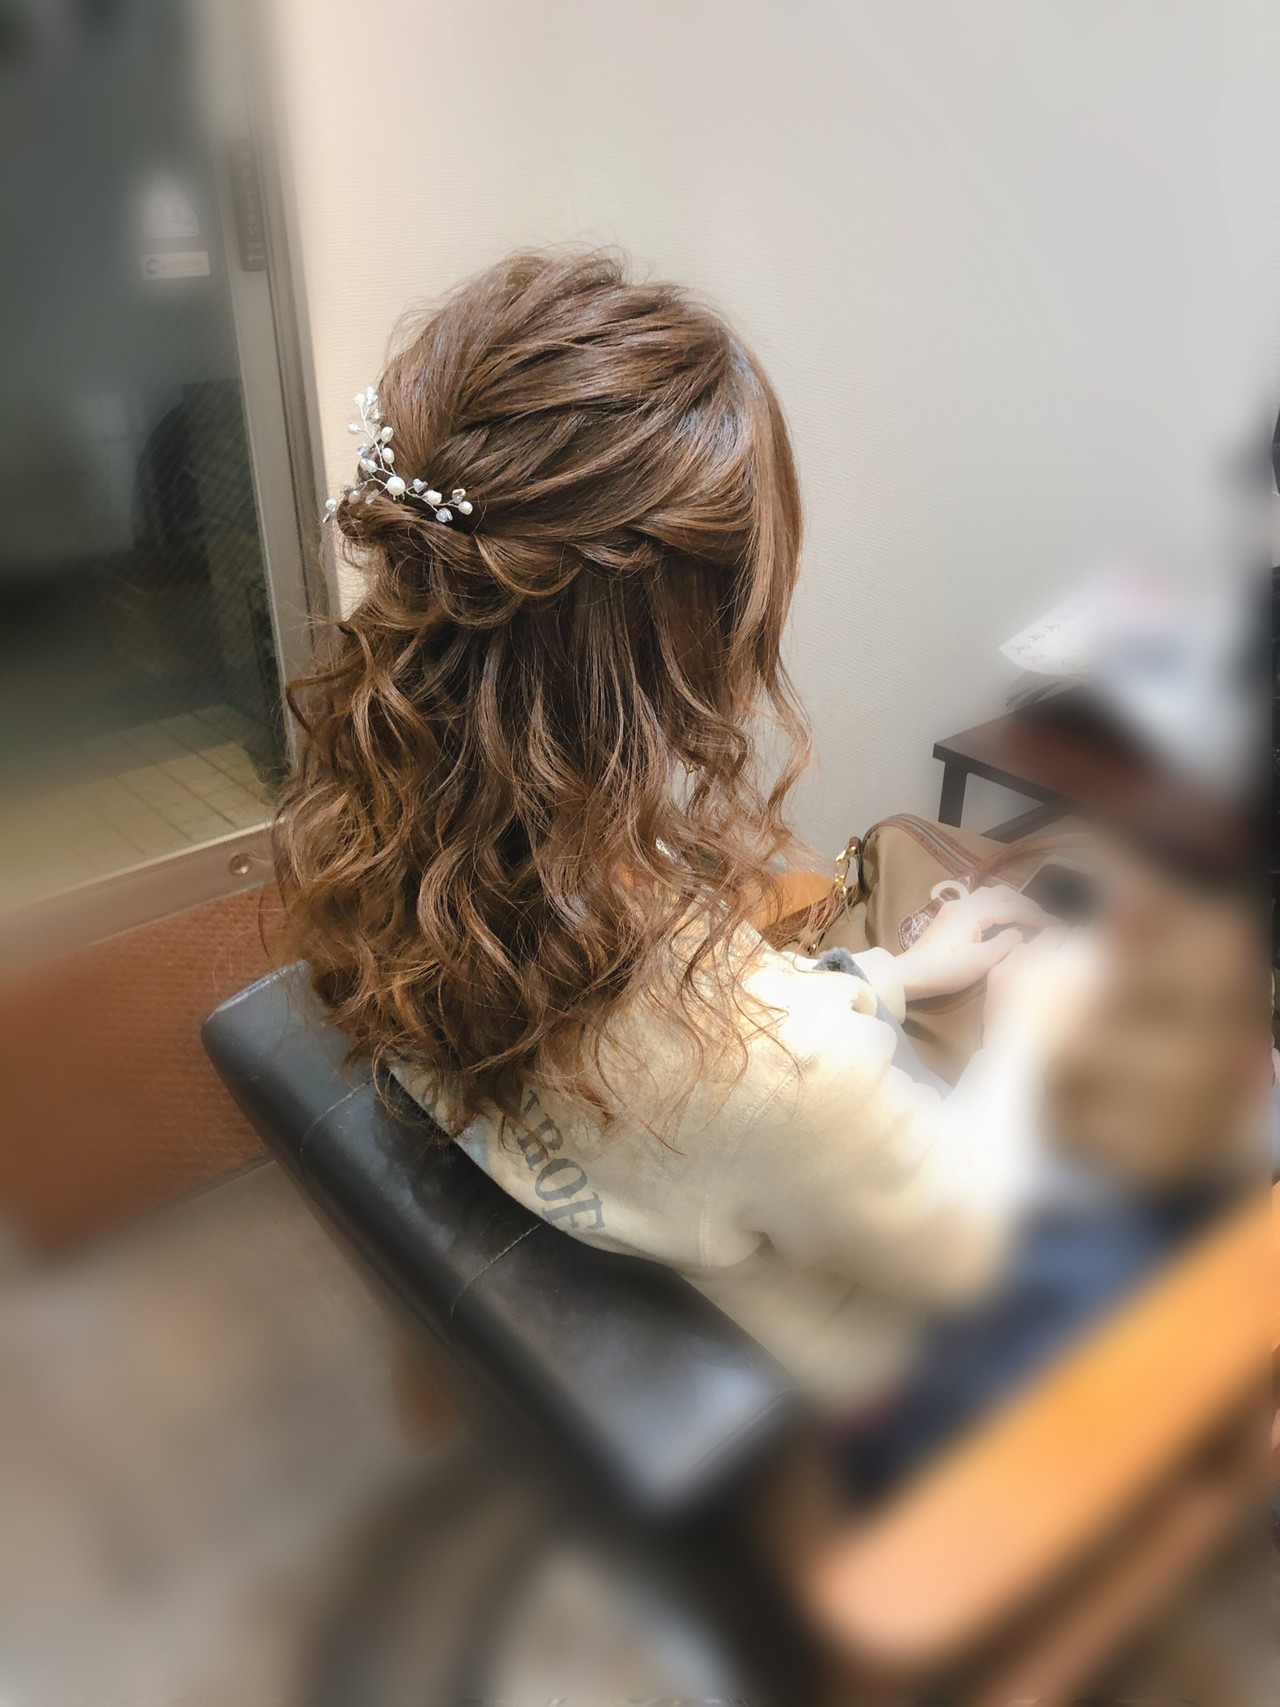 結婚式 ヘアセット フェミニン セミロング ヘアスタイルや髪型の写真・画像 | mai / HAIR SALON STELLA